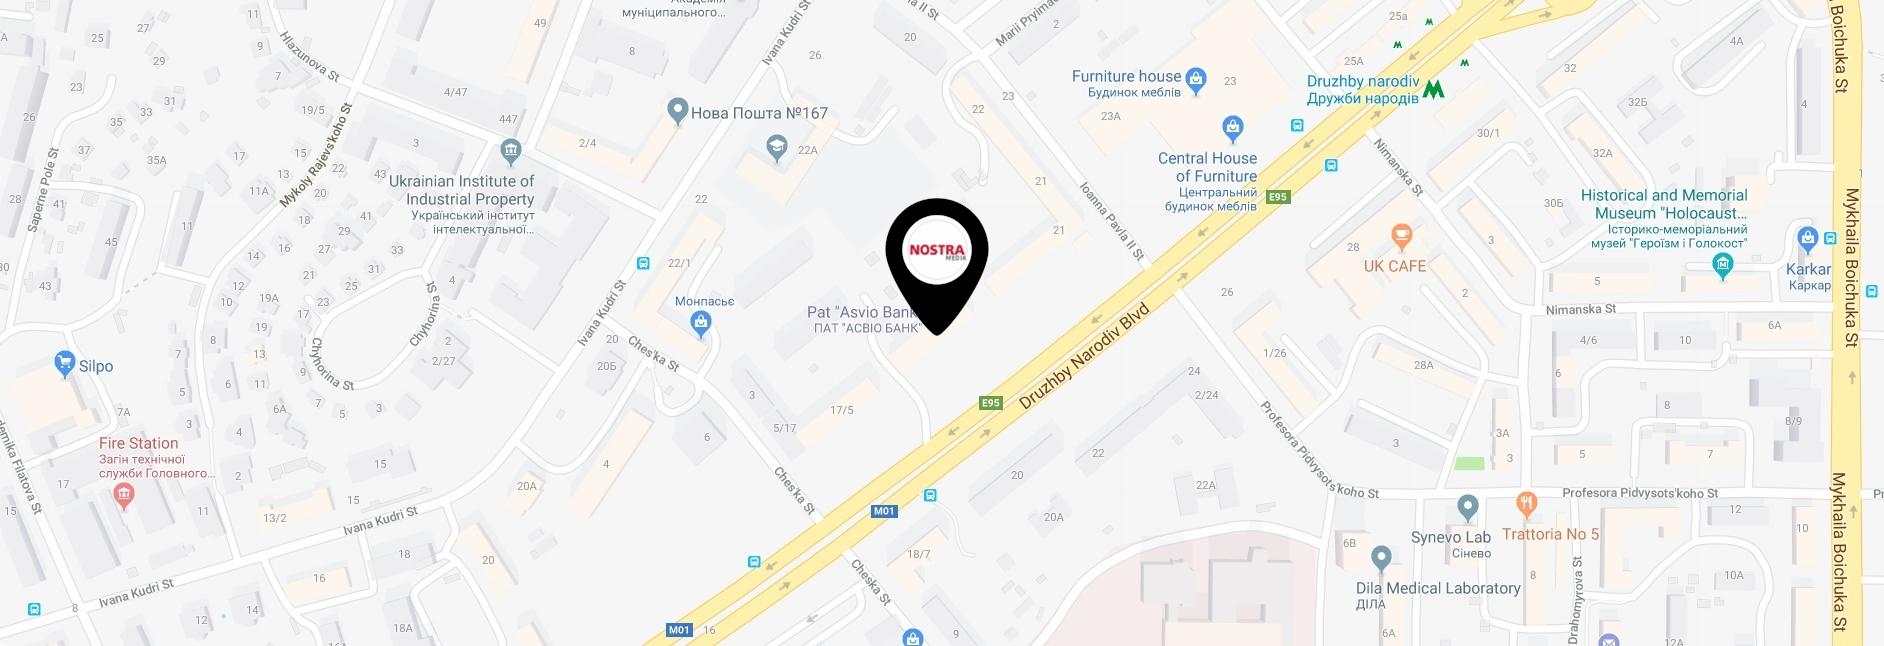 'Nostra Media' office location